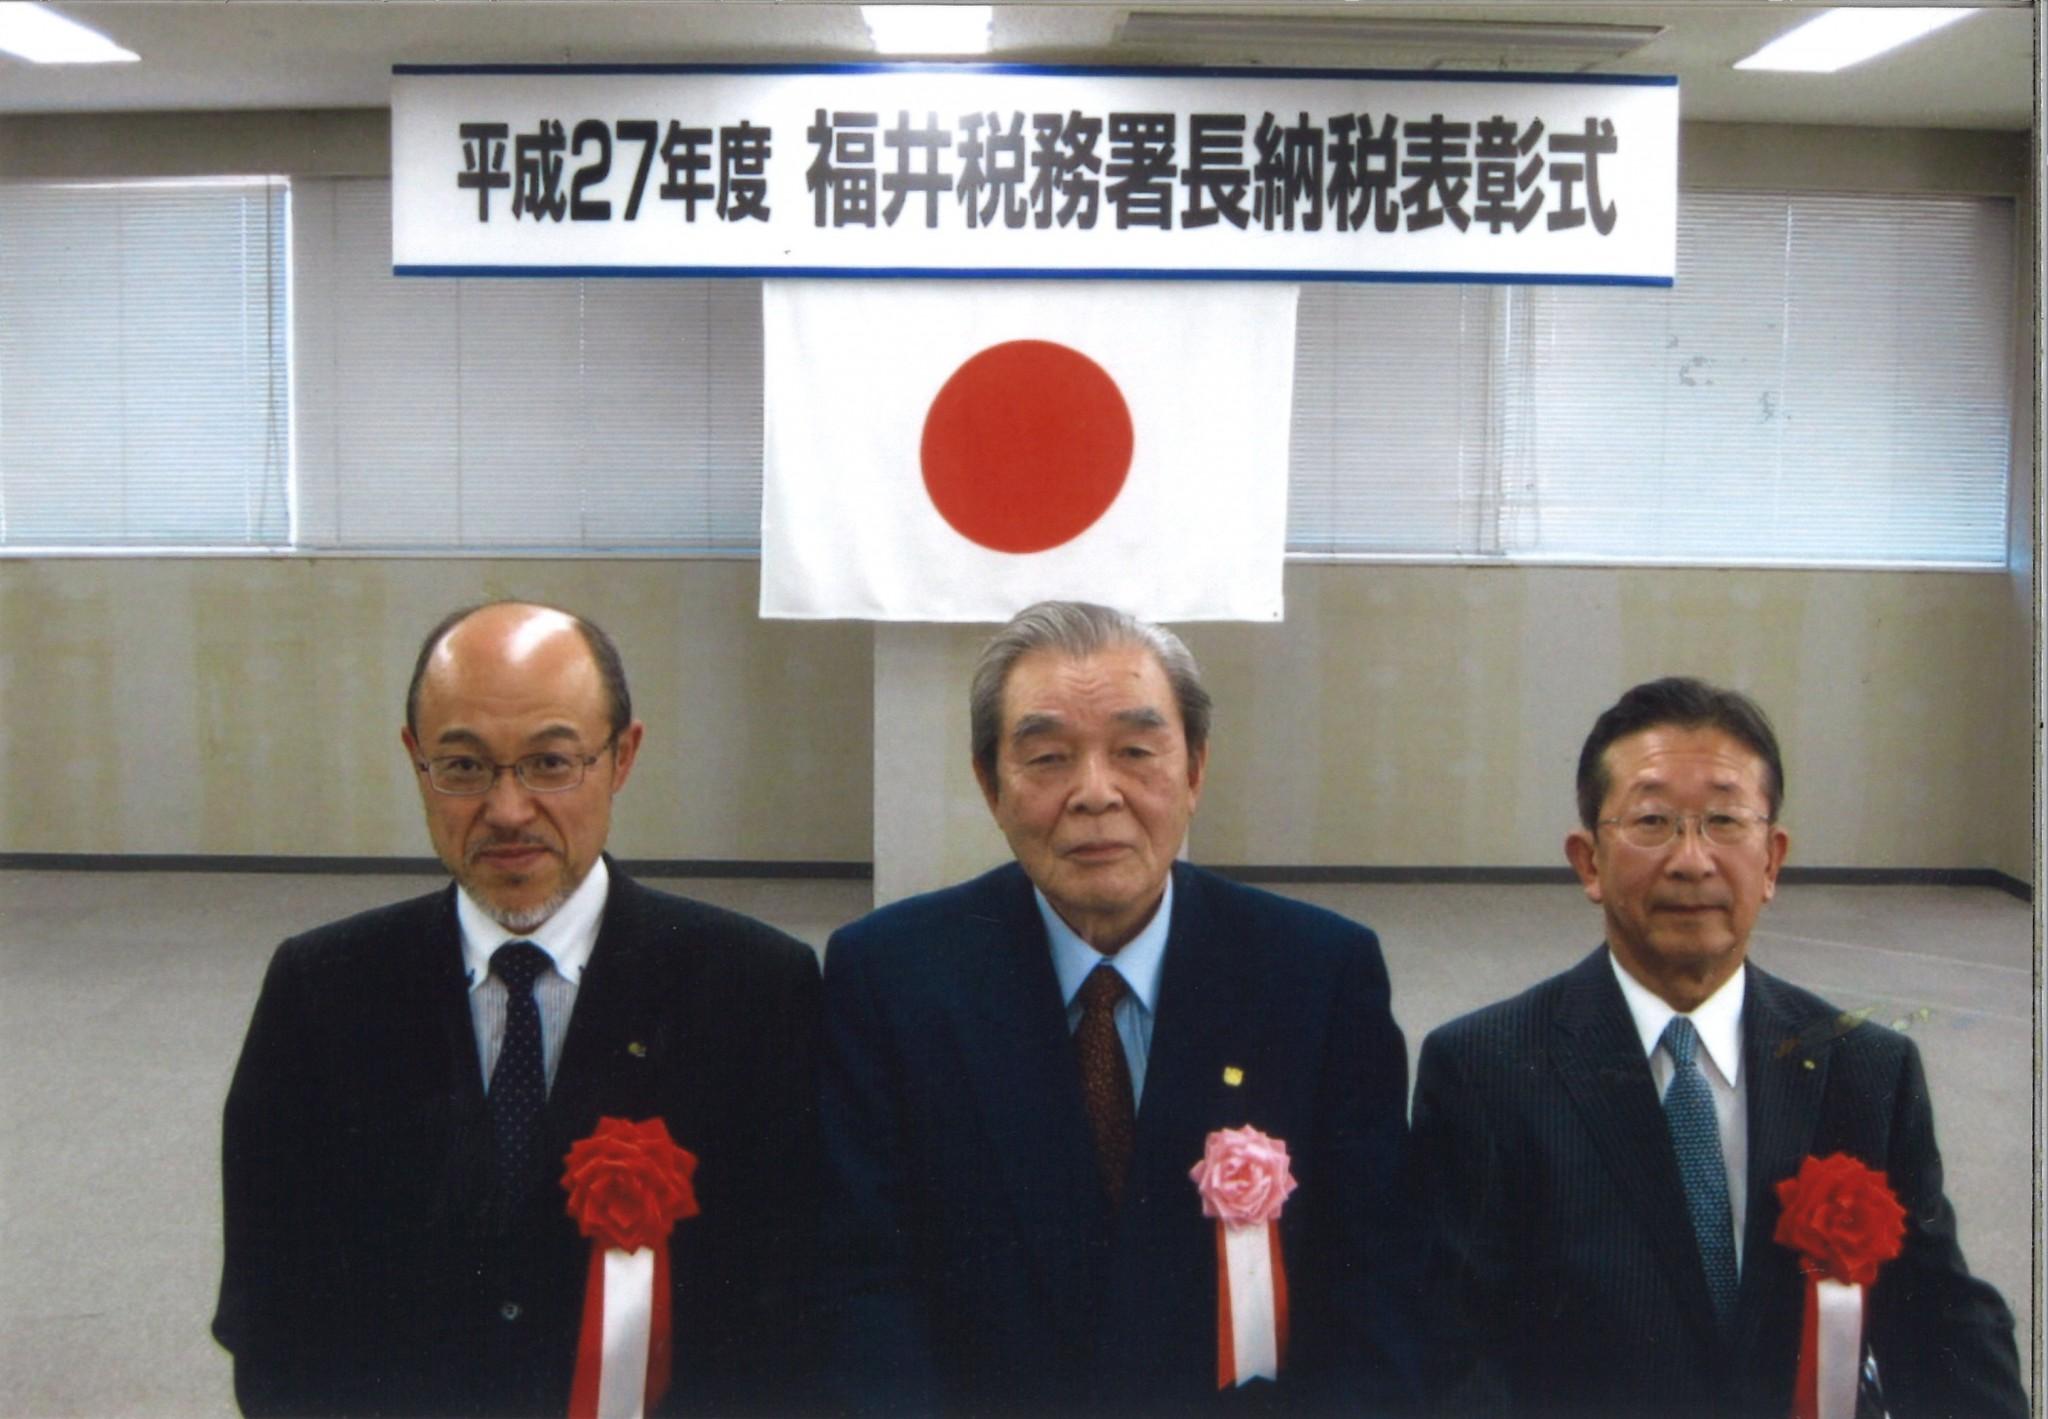 27nen-fukuizeimusho-hyoushou-1